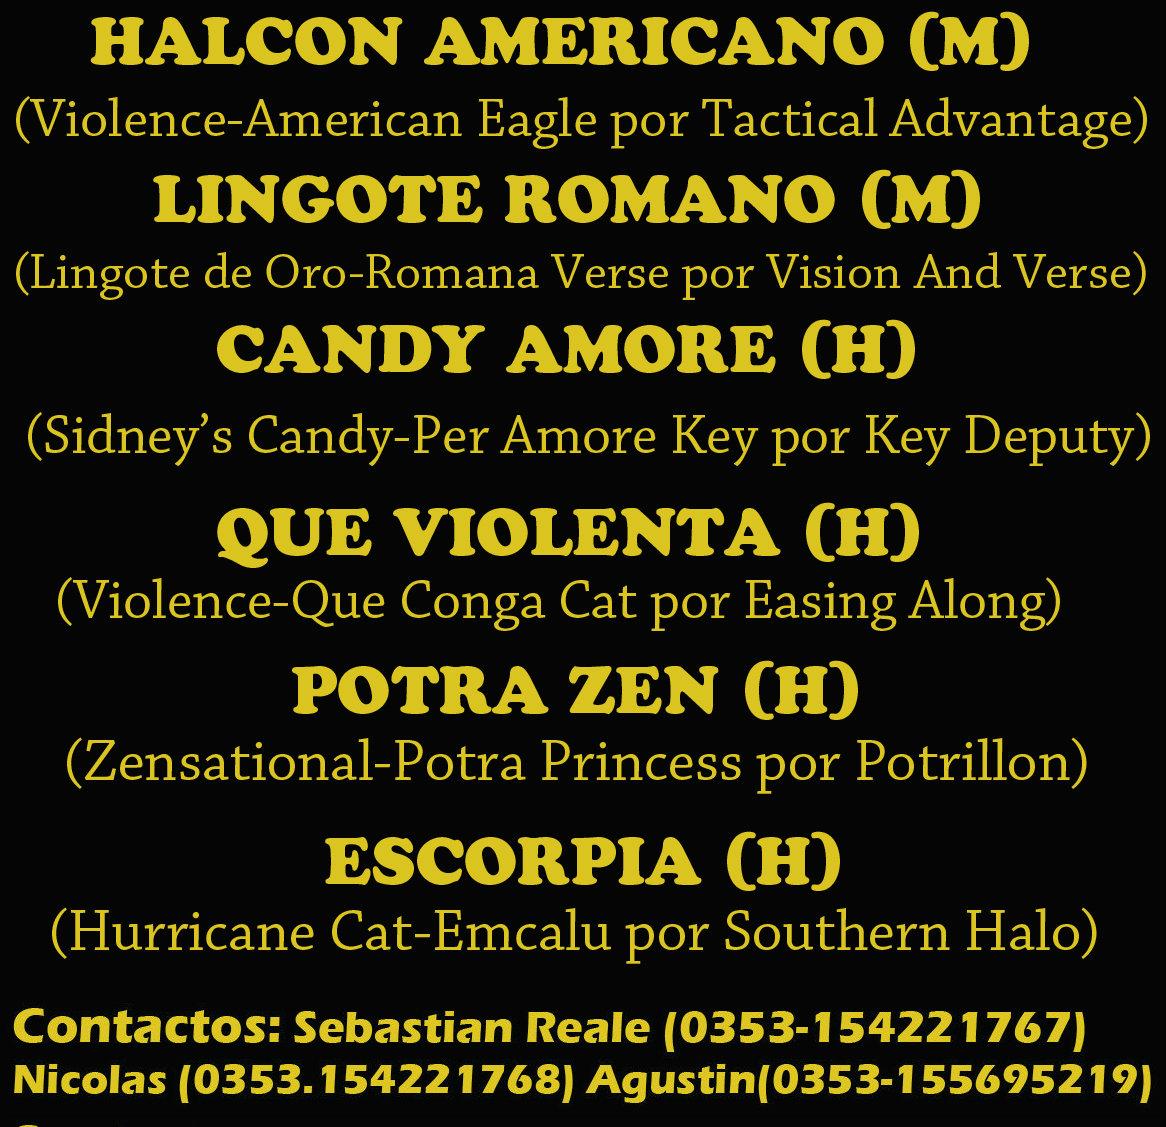 HS EL ARROYO 2